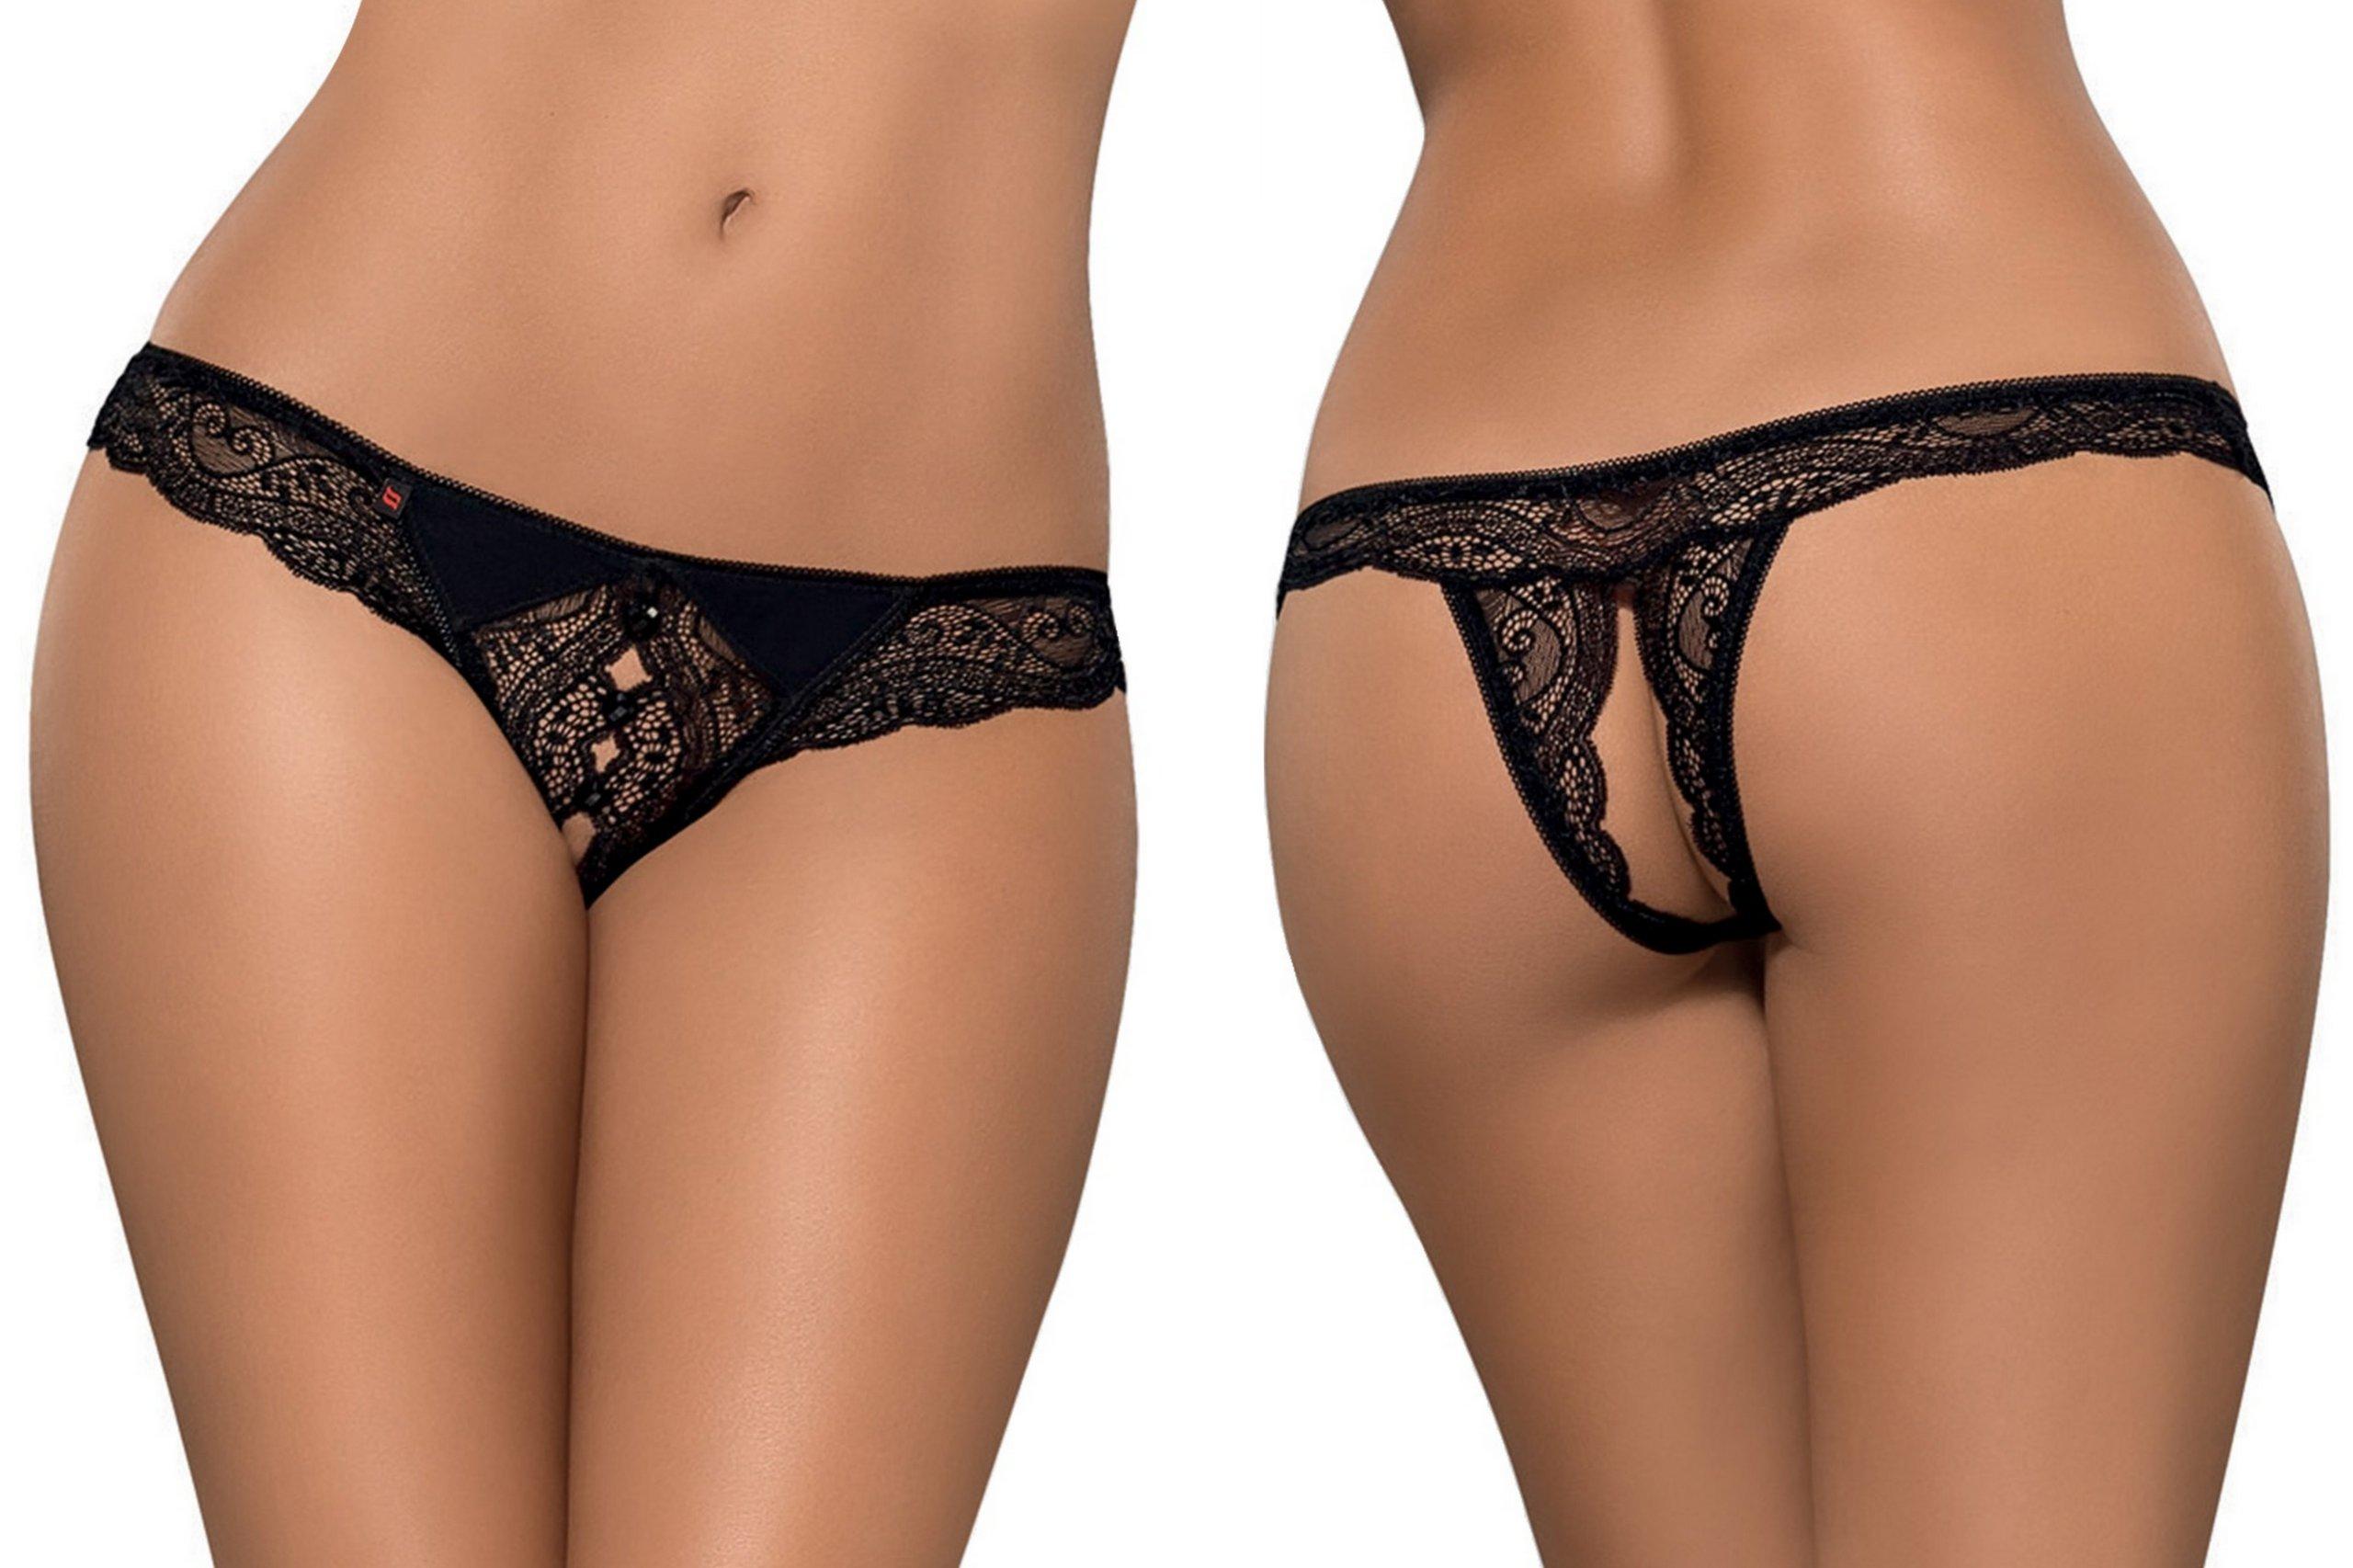 324dc63809e20e Obsessive Miamor Otwarte Stringi S/M Sexy Majtki! 6952303550 - Allegro.pl